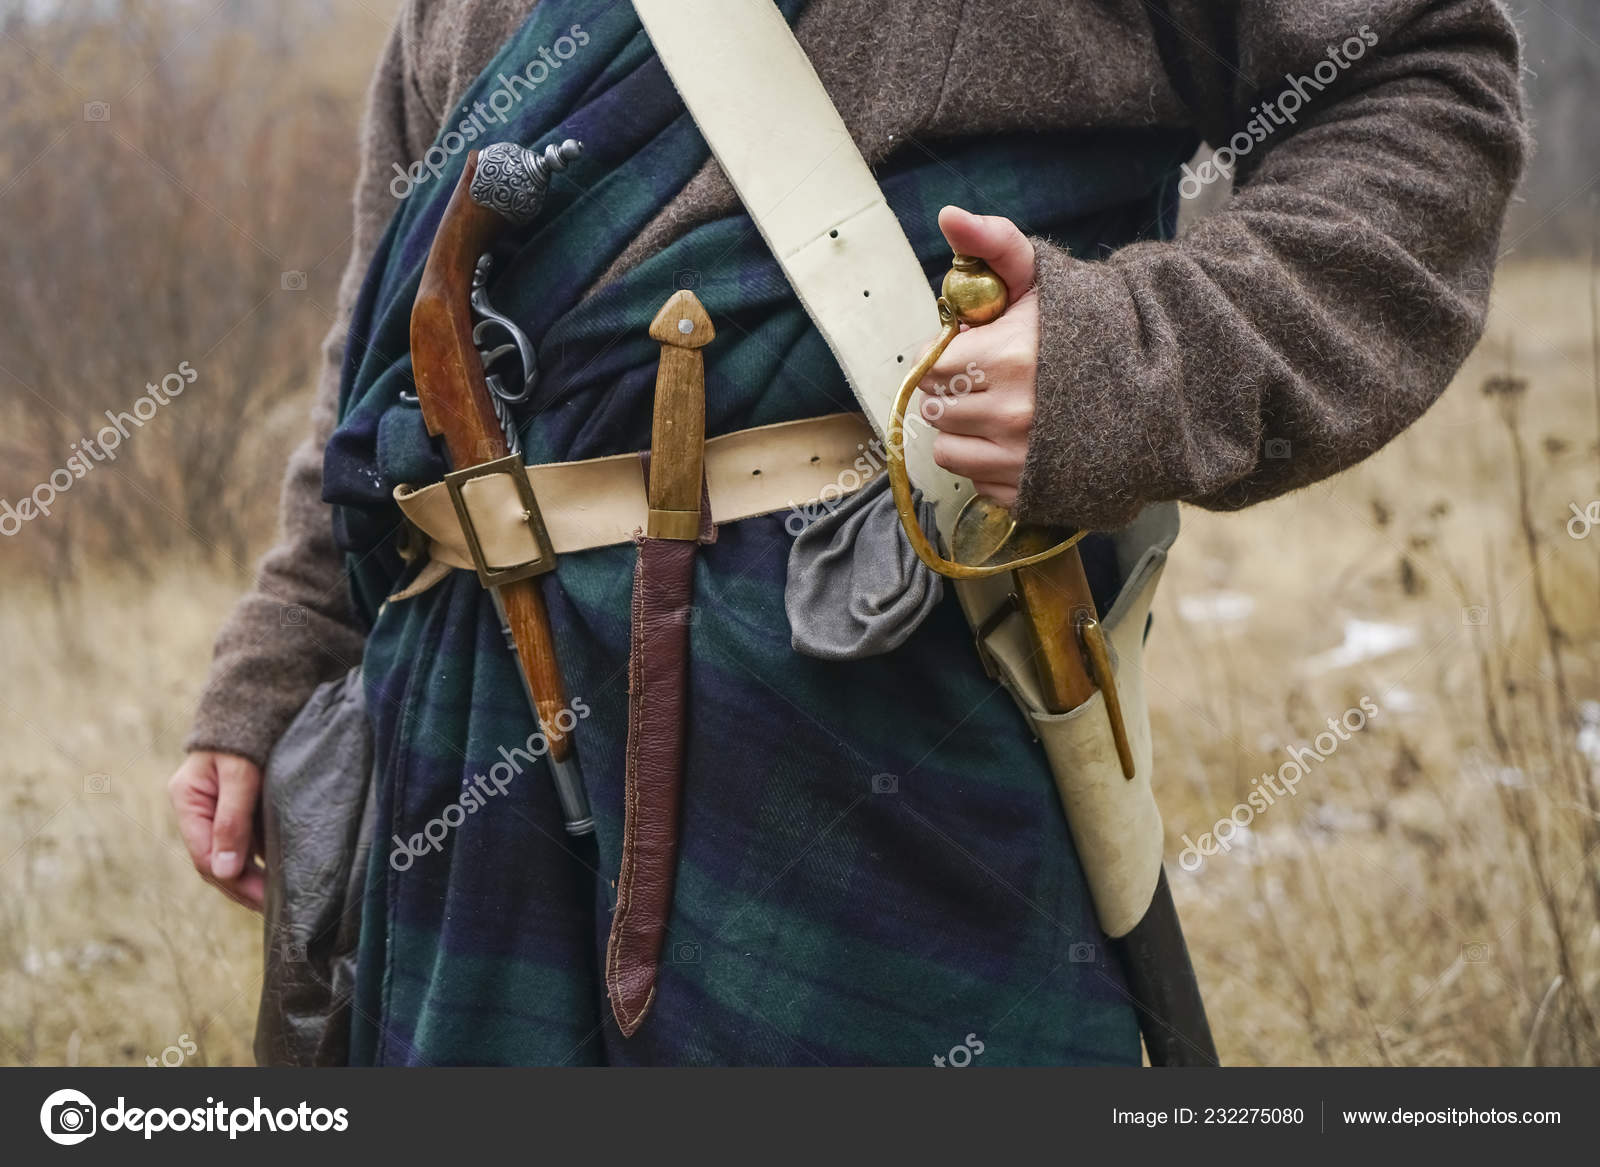 Retro Old Saber Knife Aged Gun Hang Belt Scottish Cape